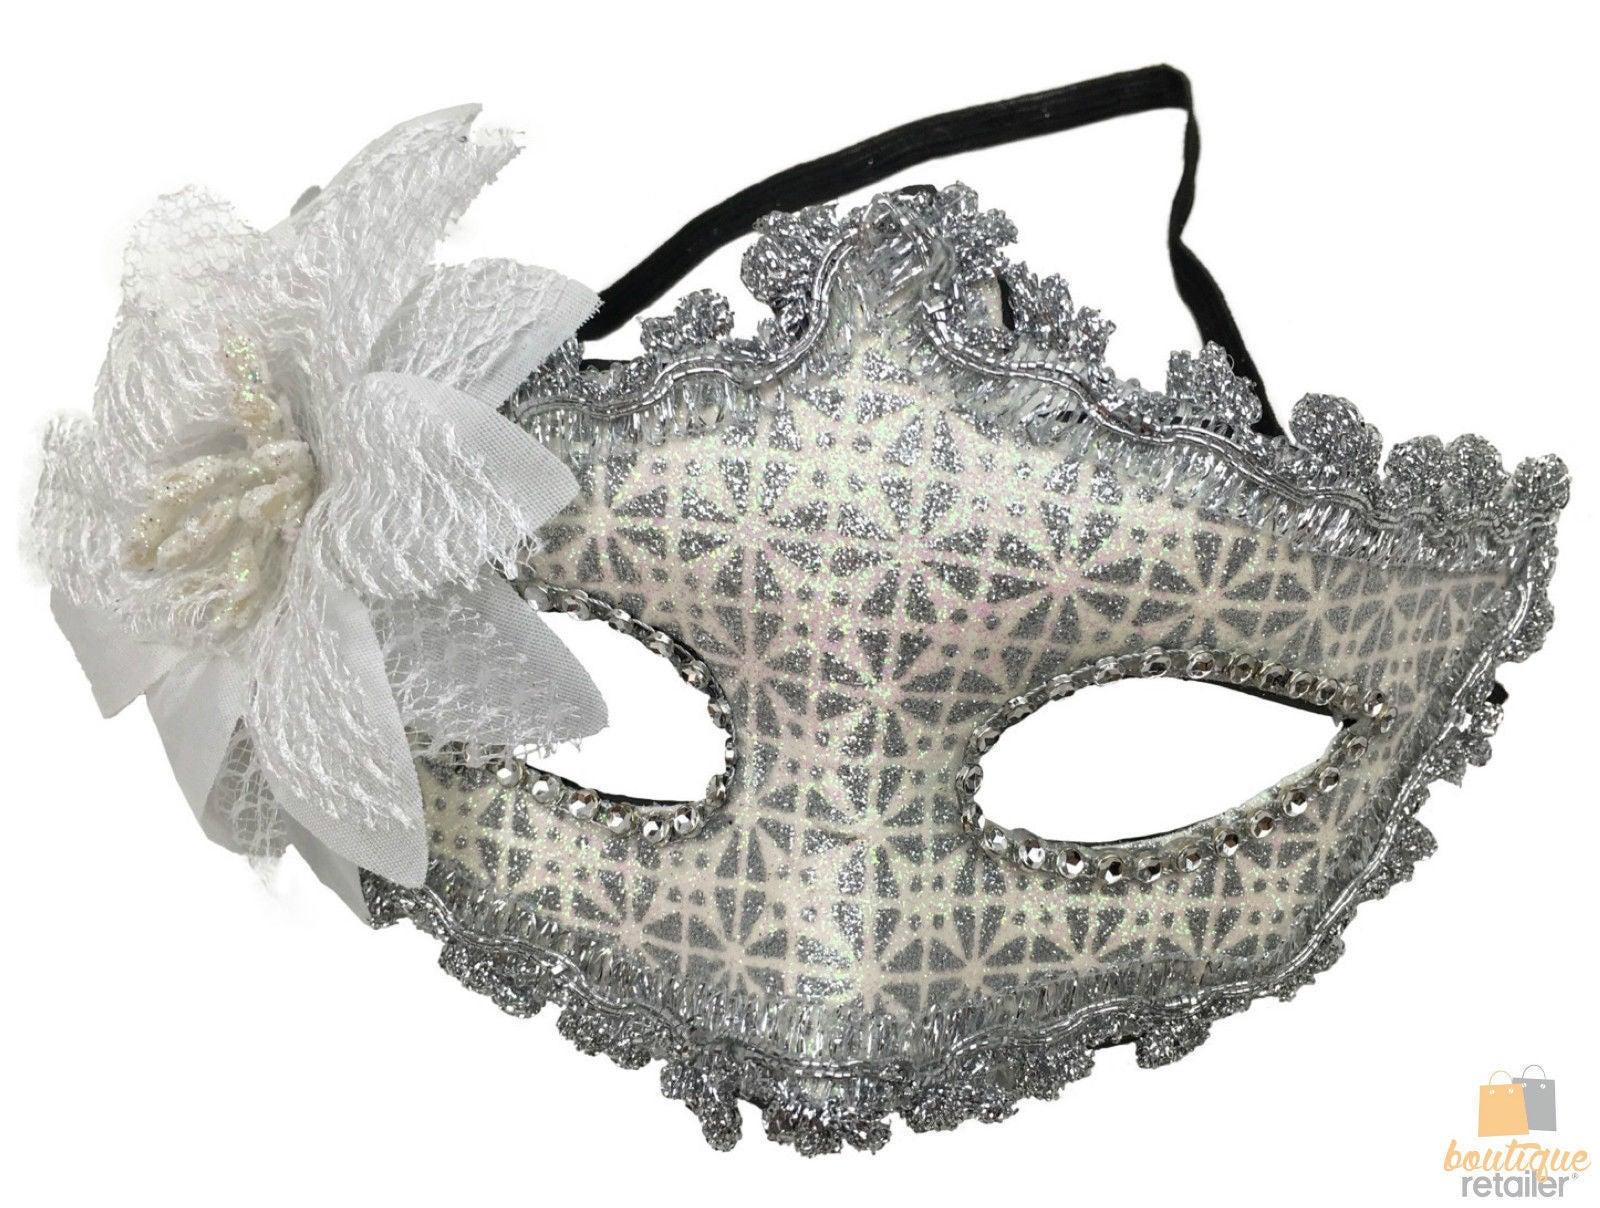 MASQUERADE MASK Party Costume Venetian Ball Dress Eye Diamante Halloween Face